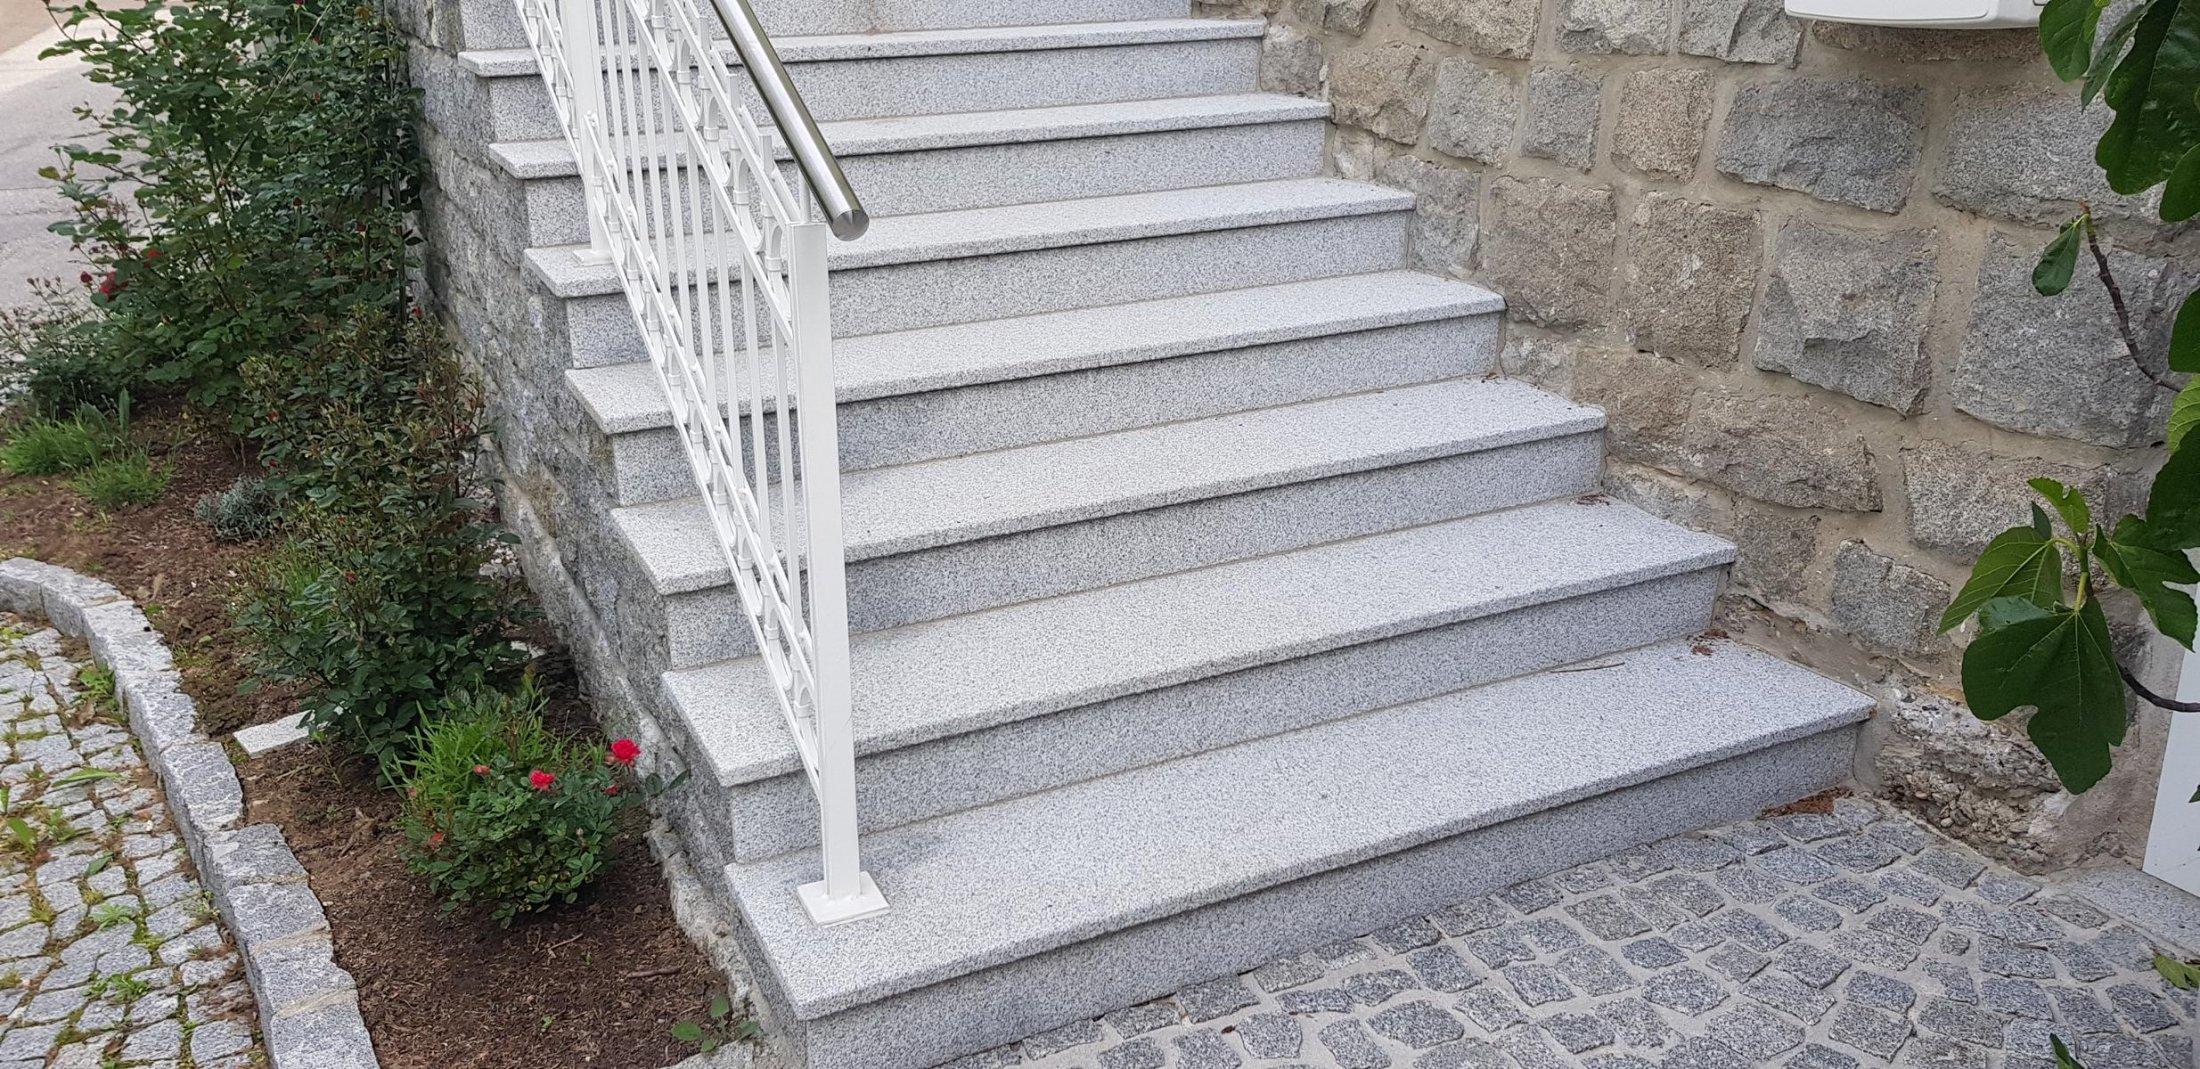 Neuhauser Stufen7